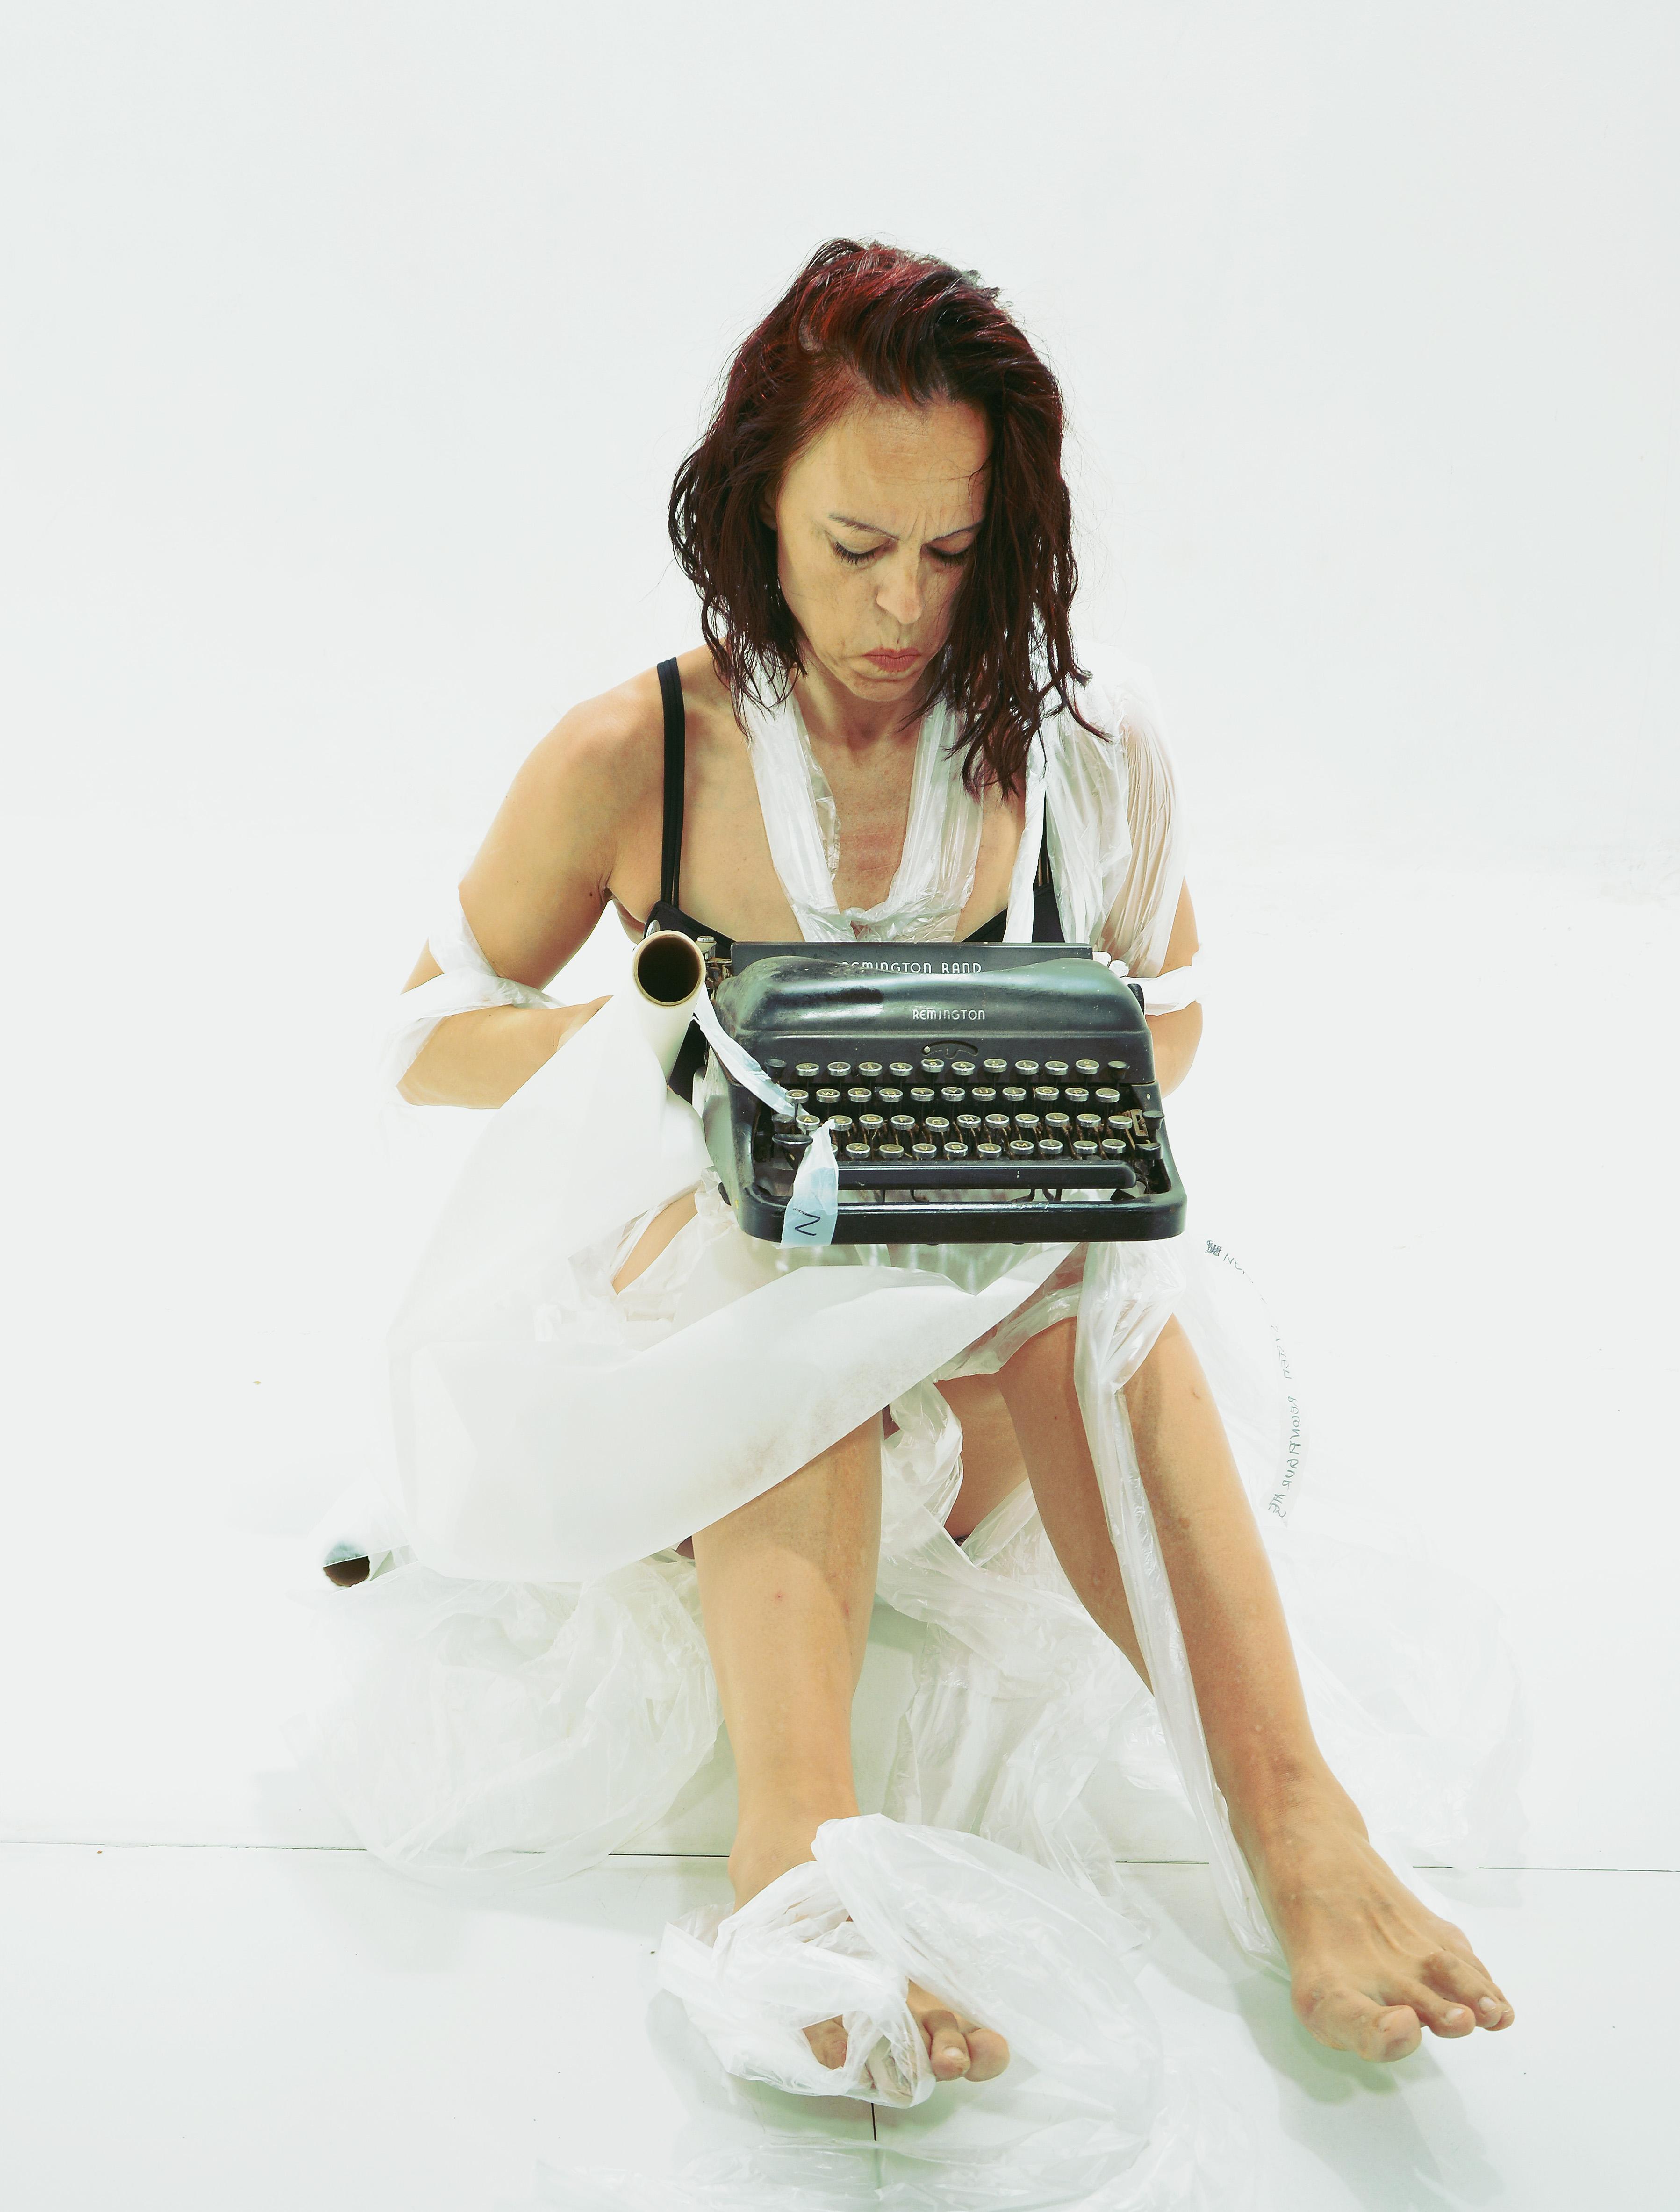 Lou 70 trillion typewriter